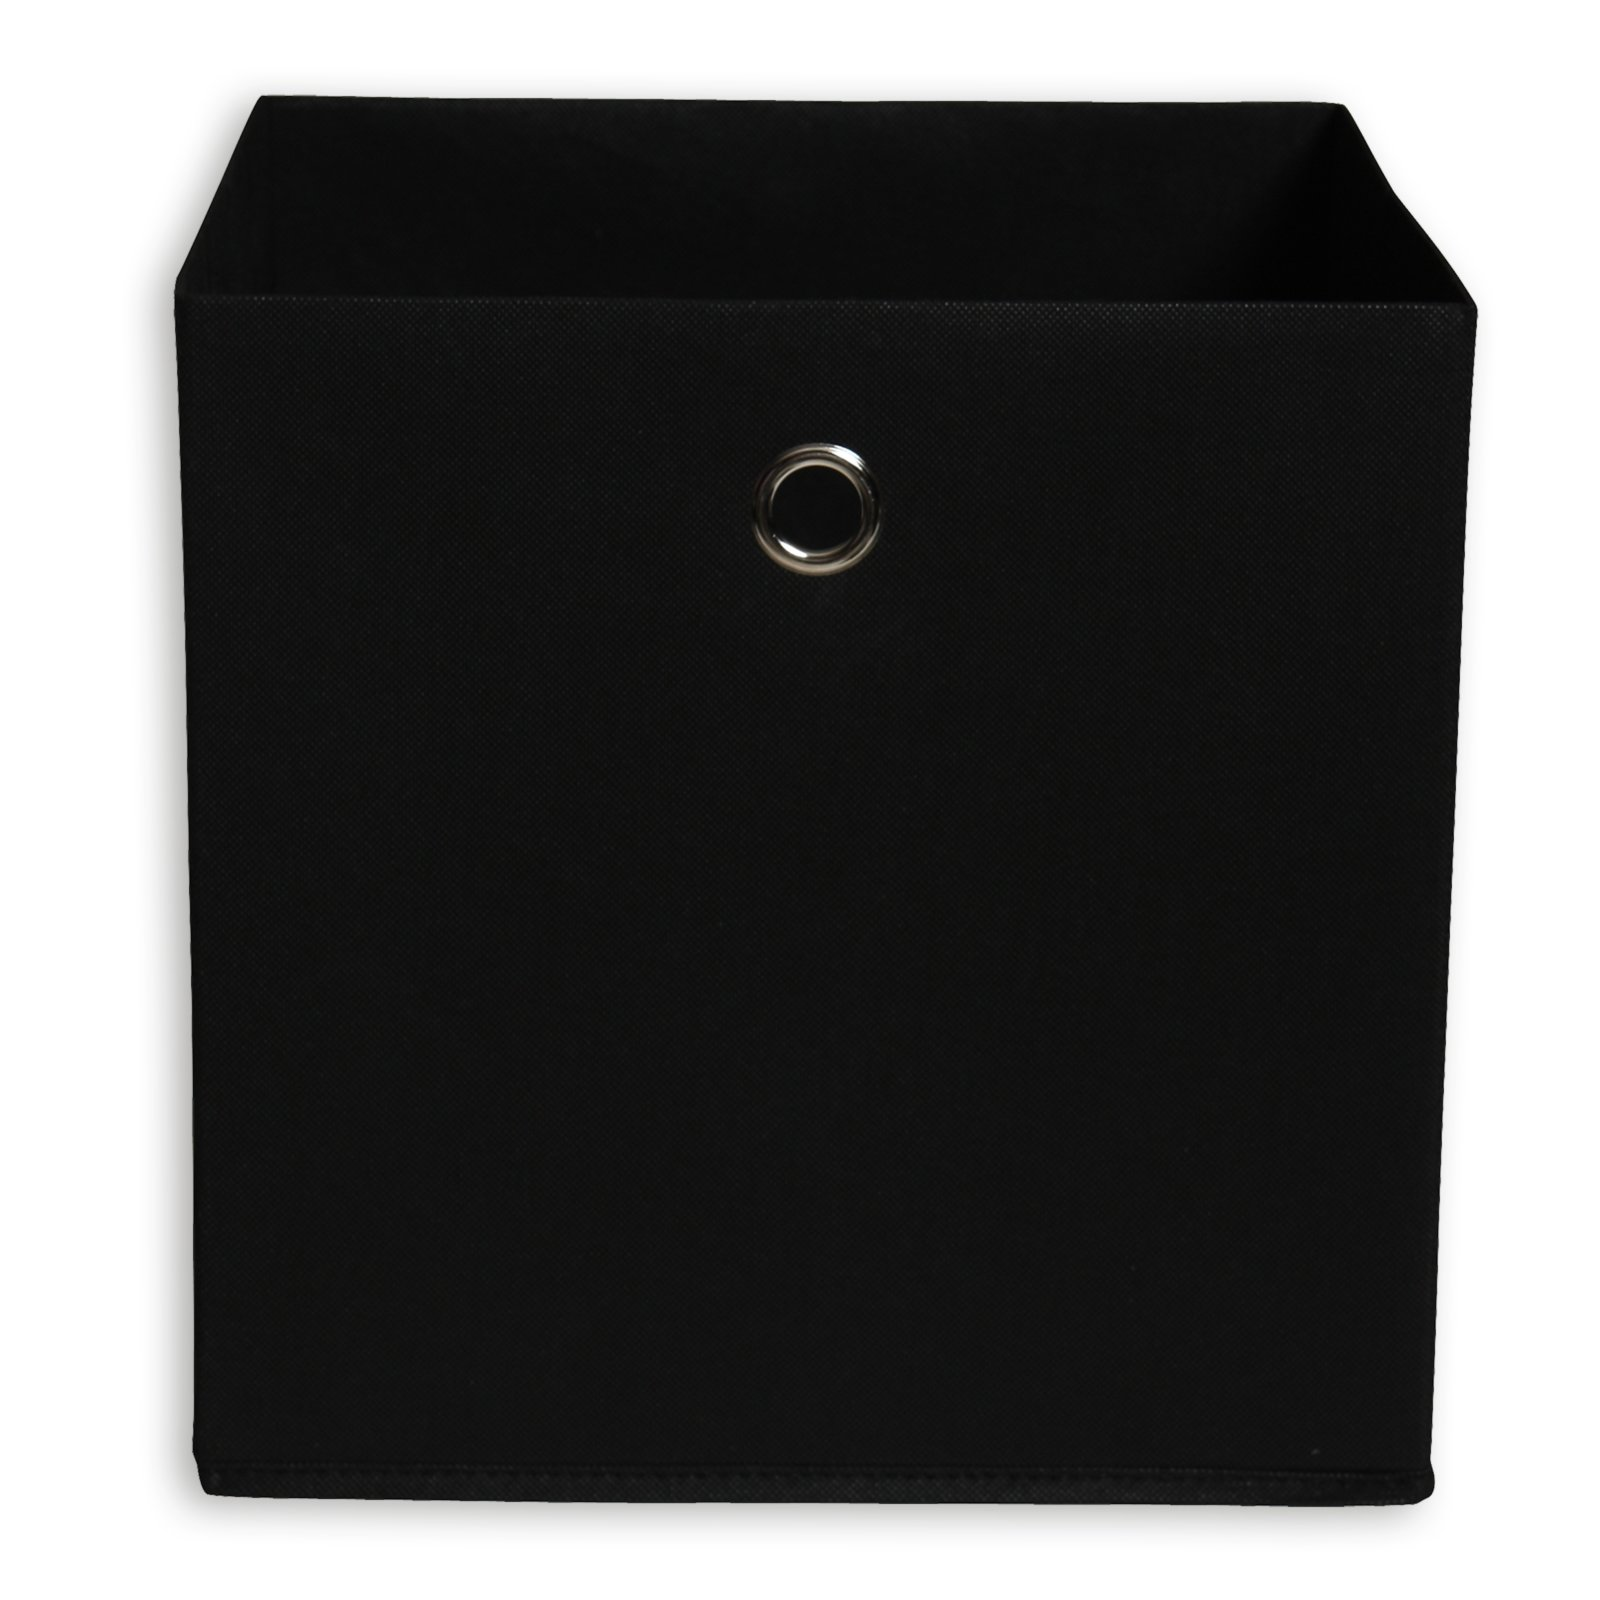 Faltbox - schwarz - mit Metallöse - 32x32 cm